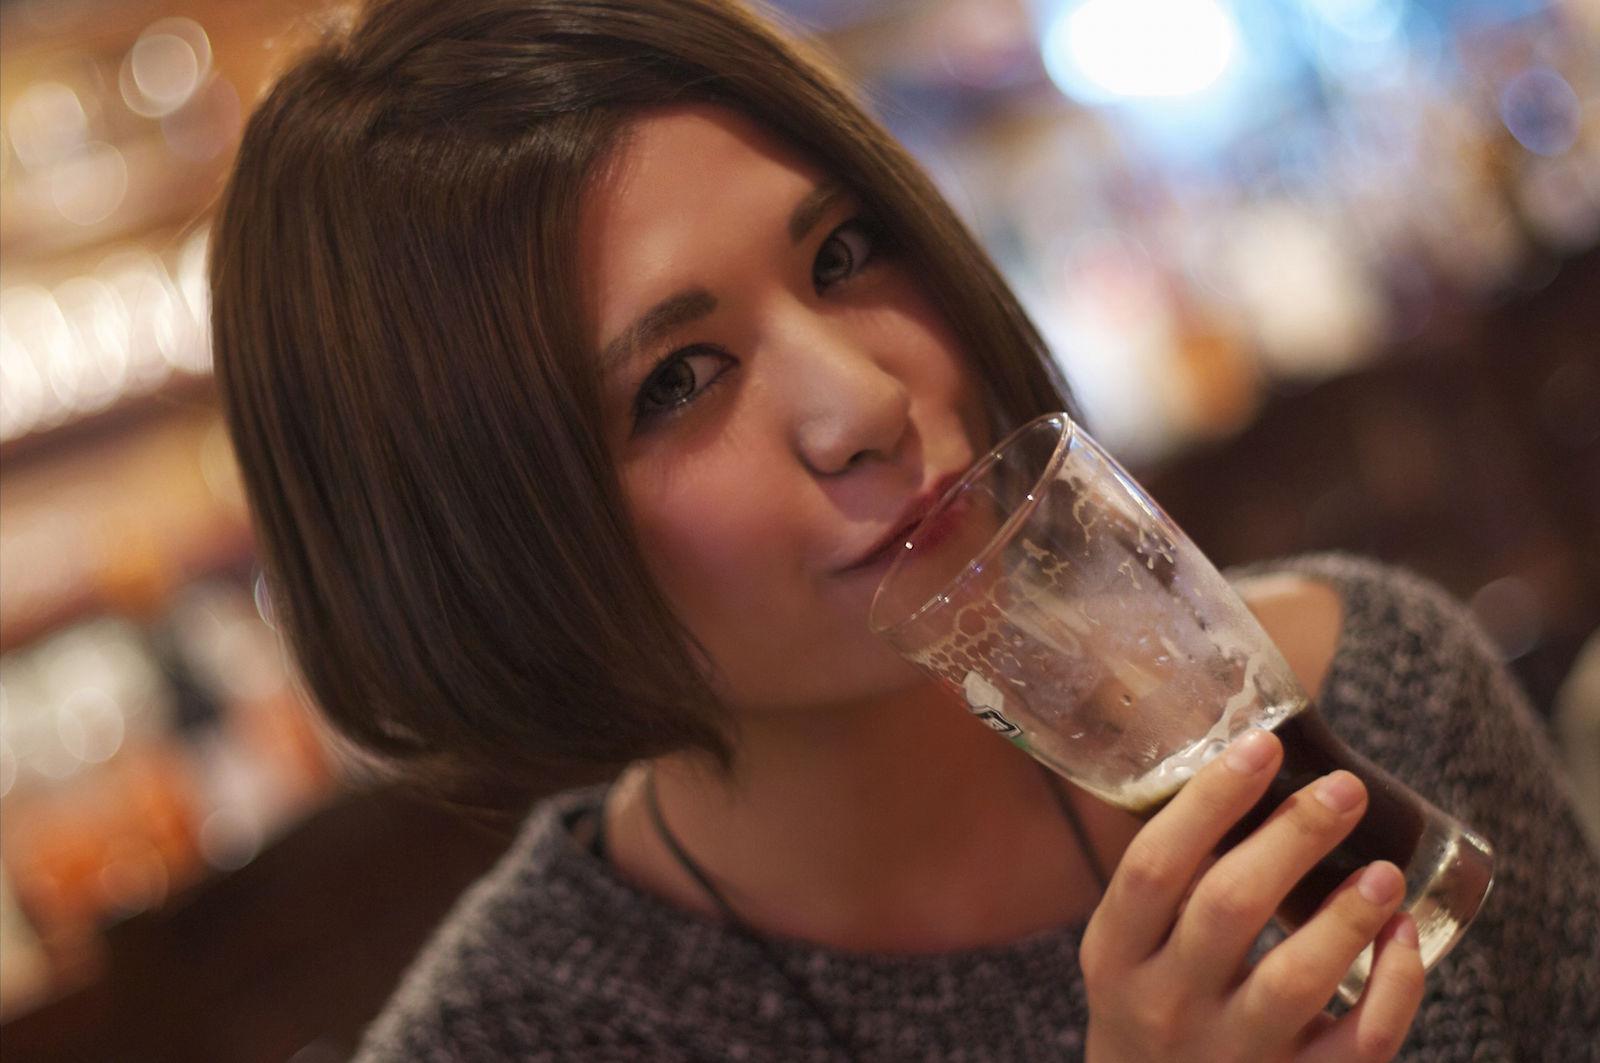 美人×麦酒 美穂さん